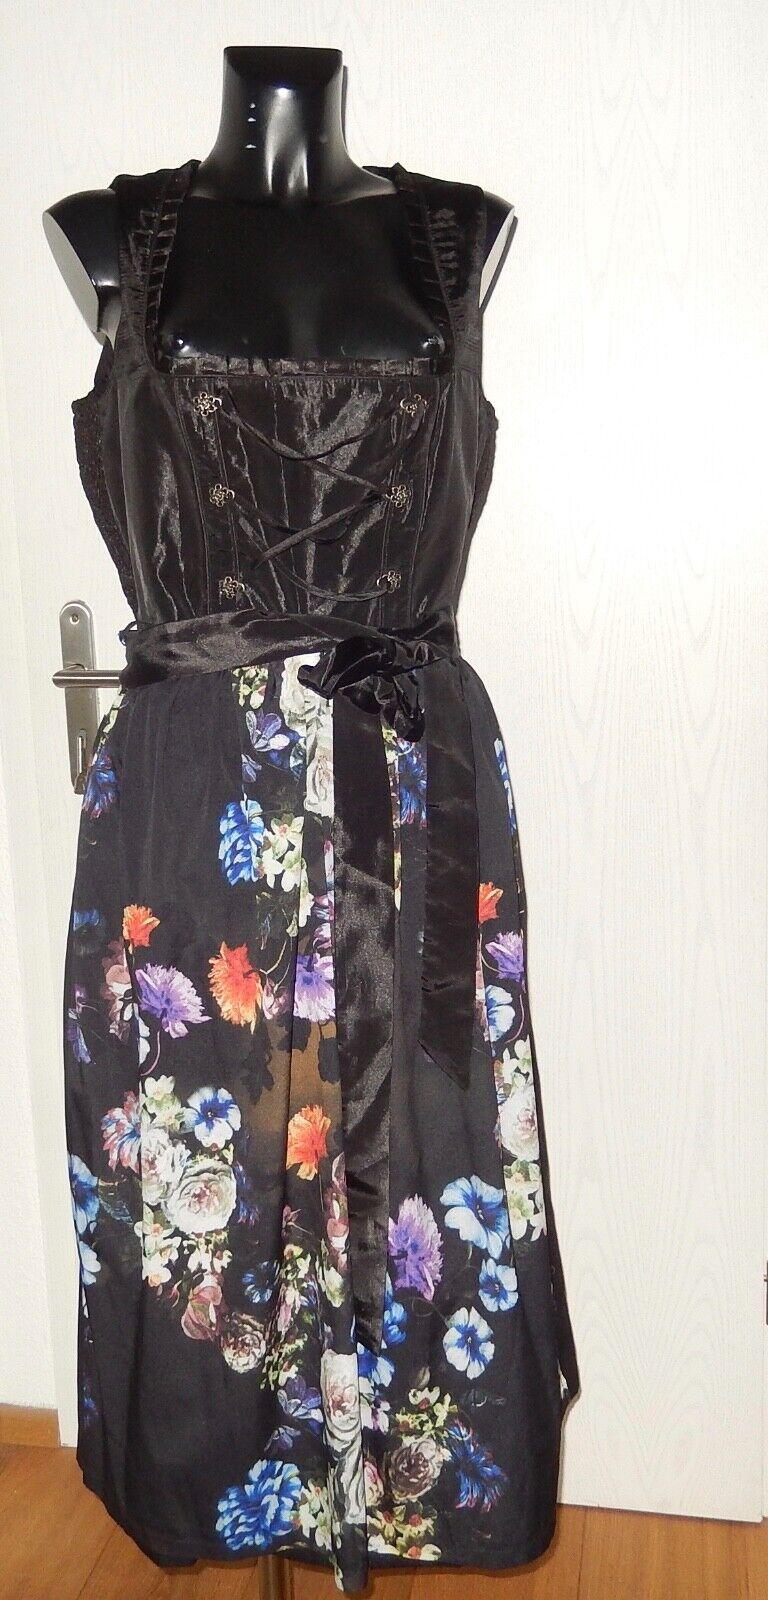 Paola du robe costumes du schwarz Größe 22 (44 K) NEUF